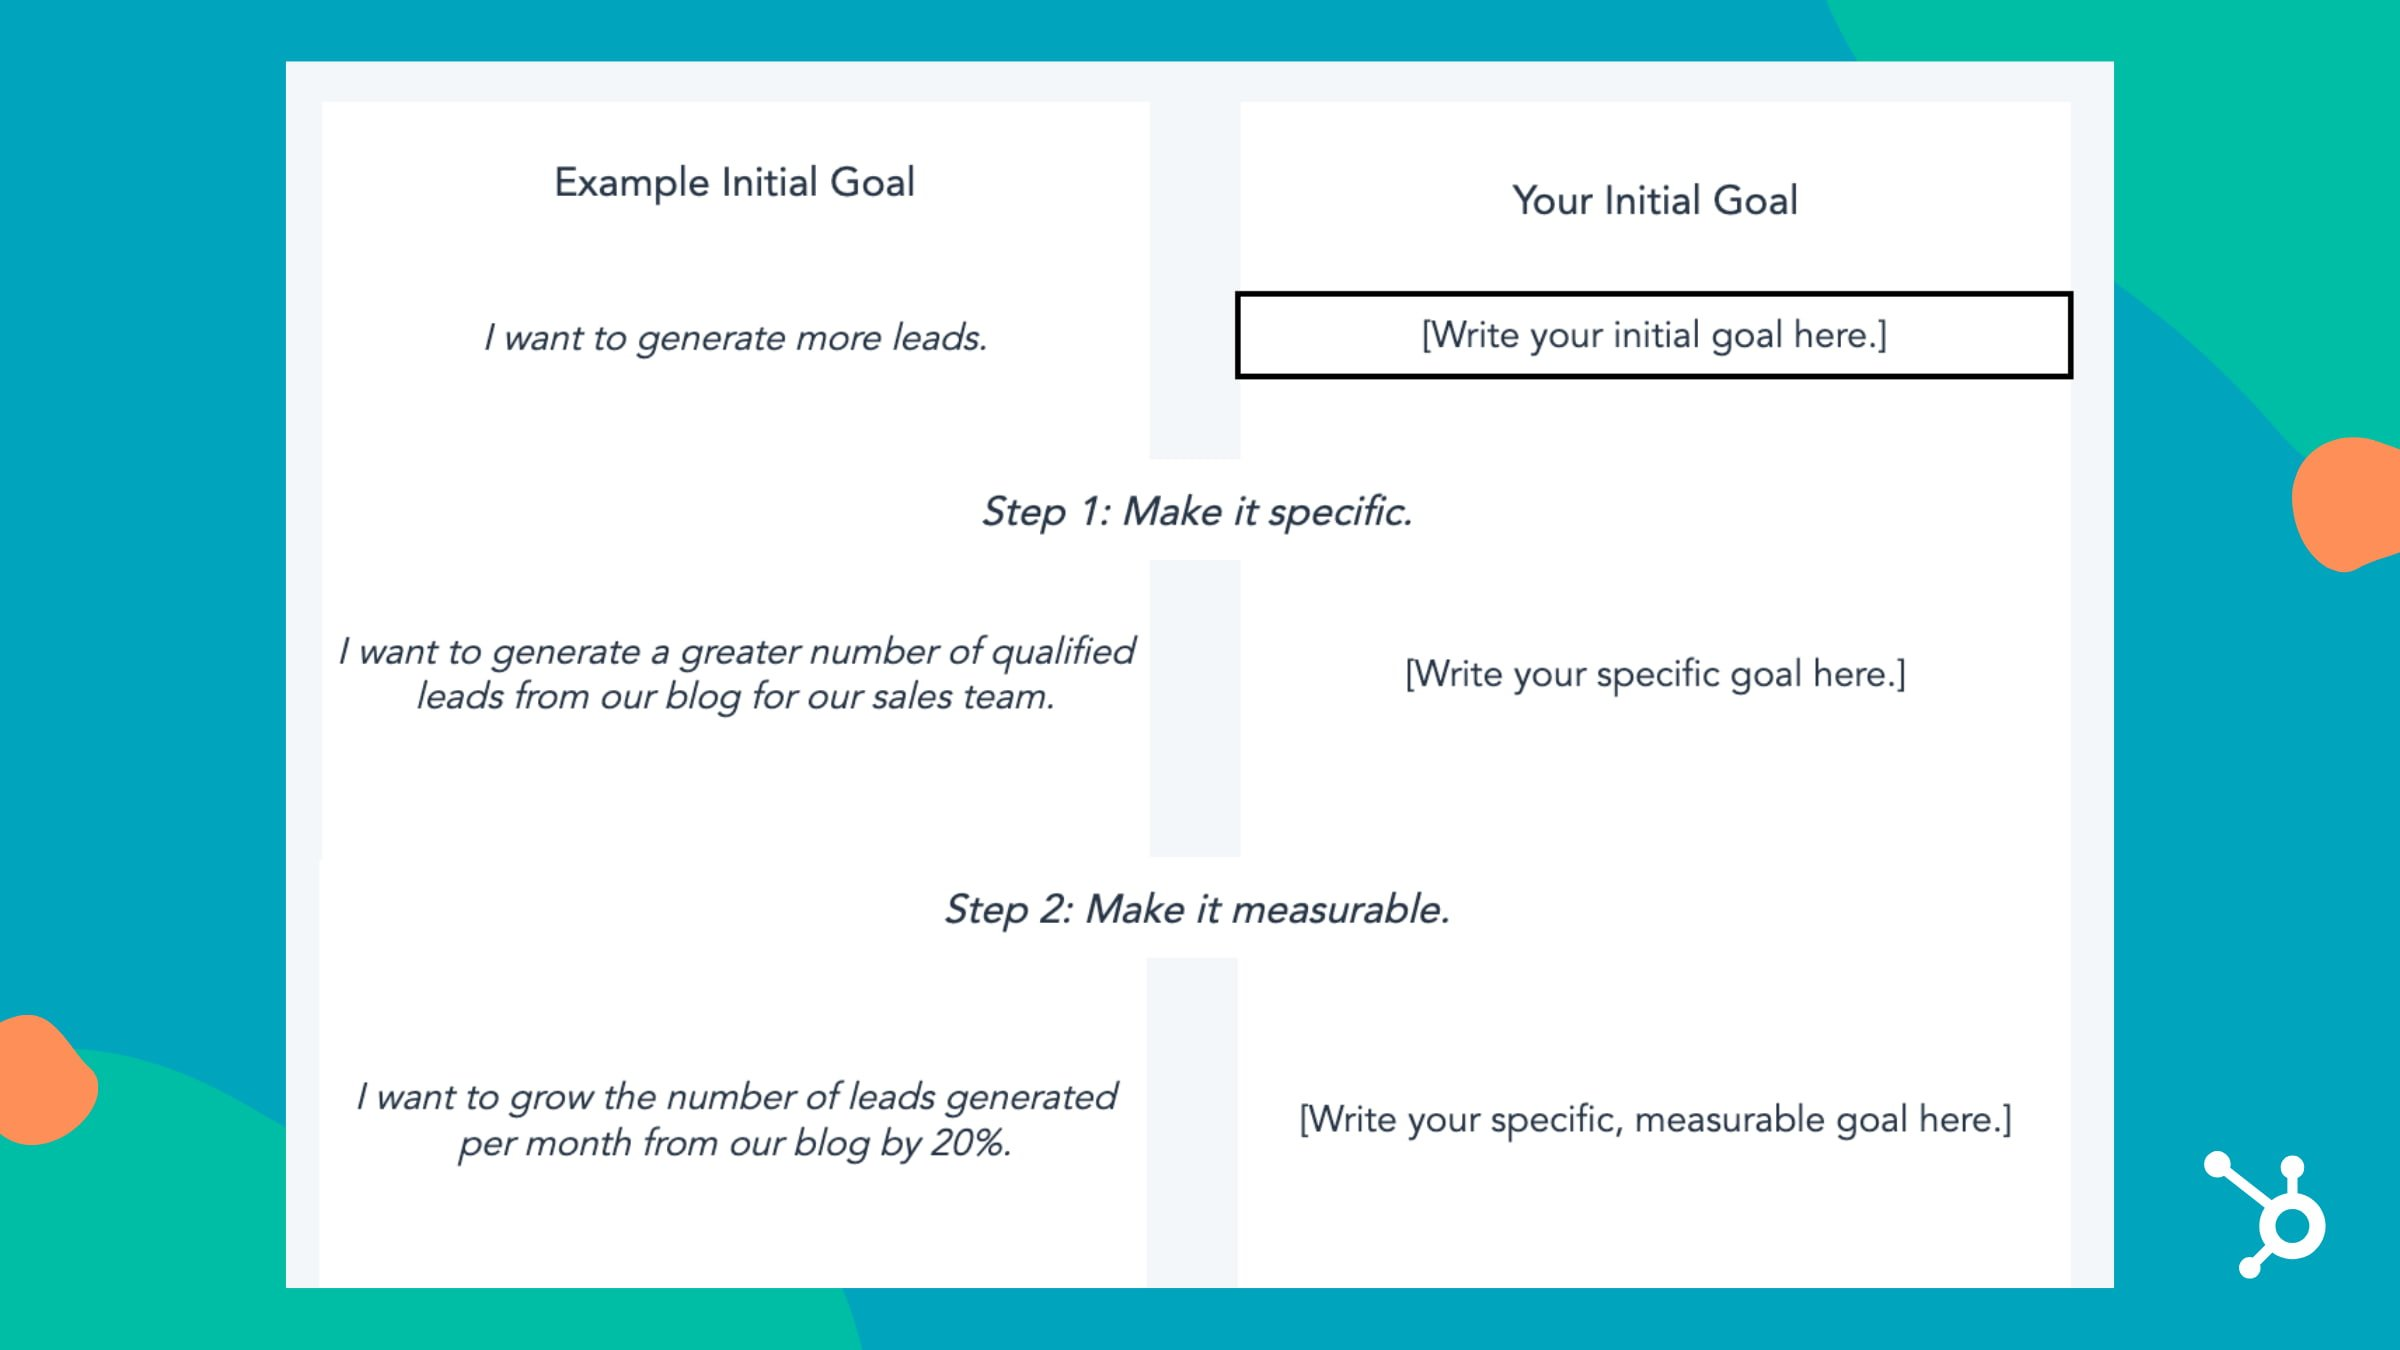 sección de plantilla de ejemplo de establecimiento de objetivos para delinear los objetivos iniciales